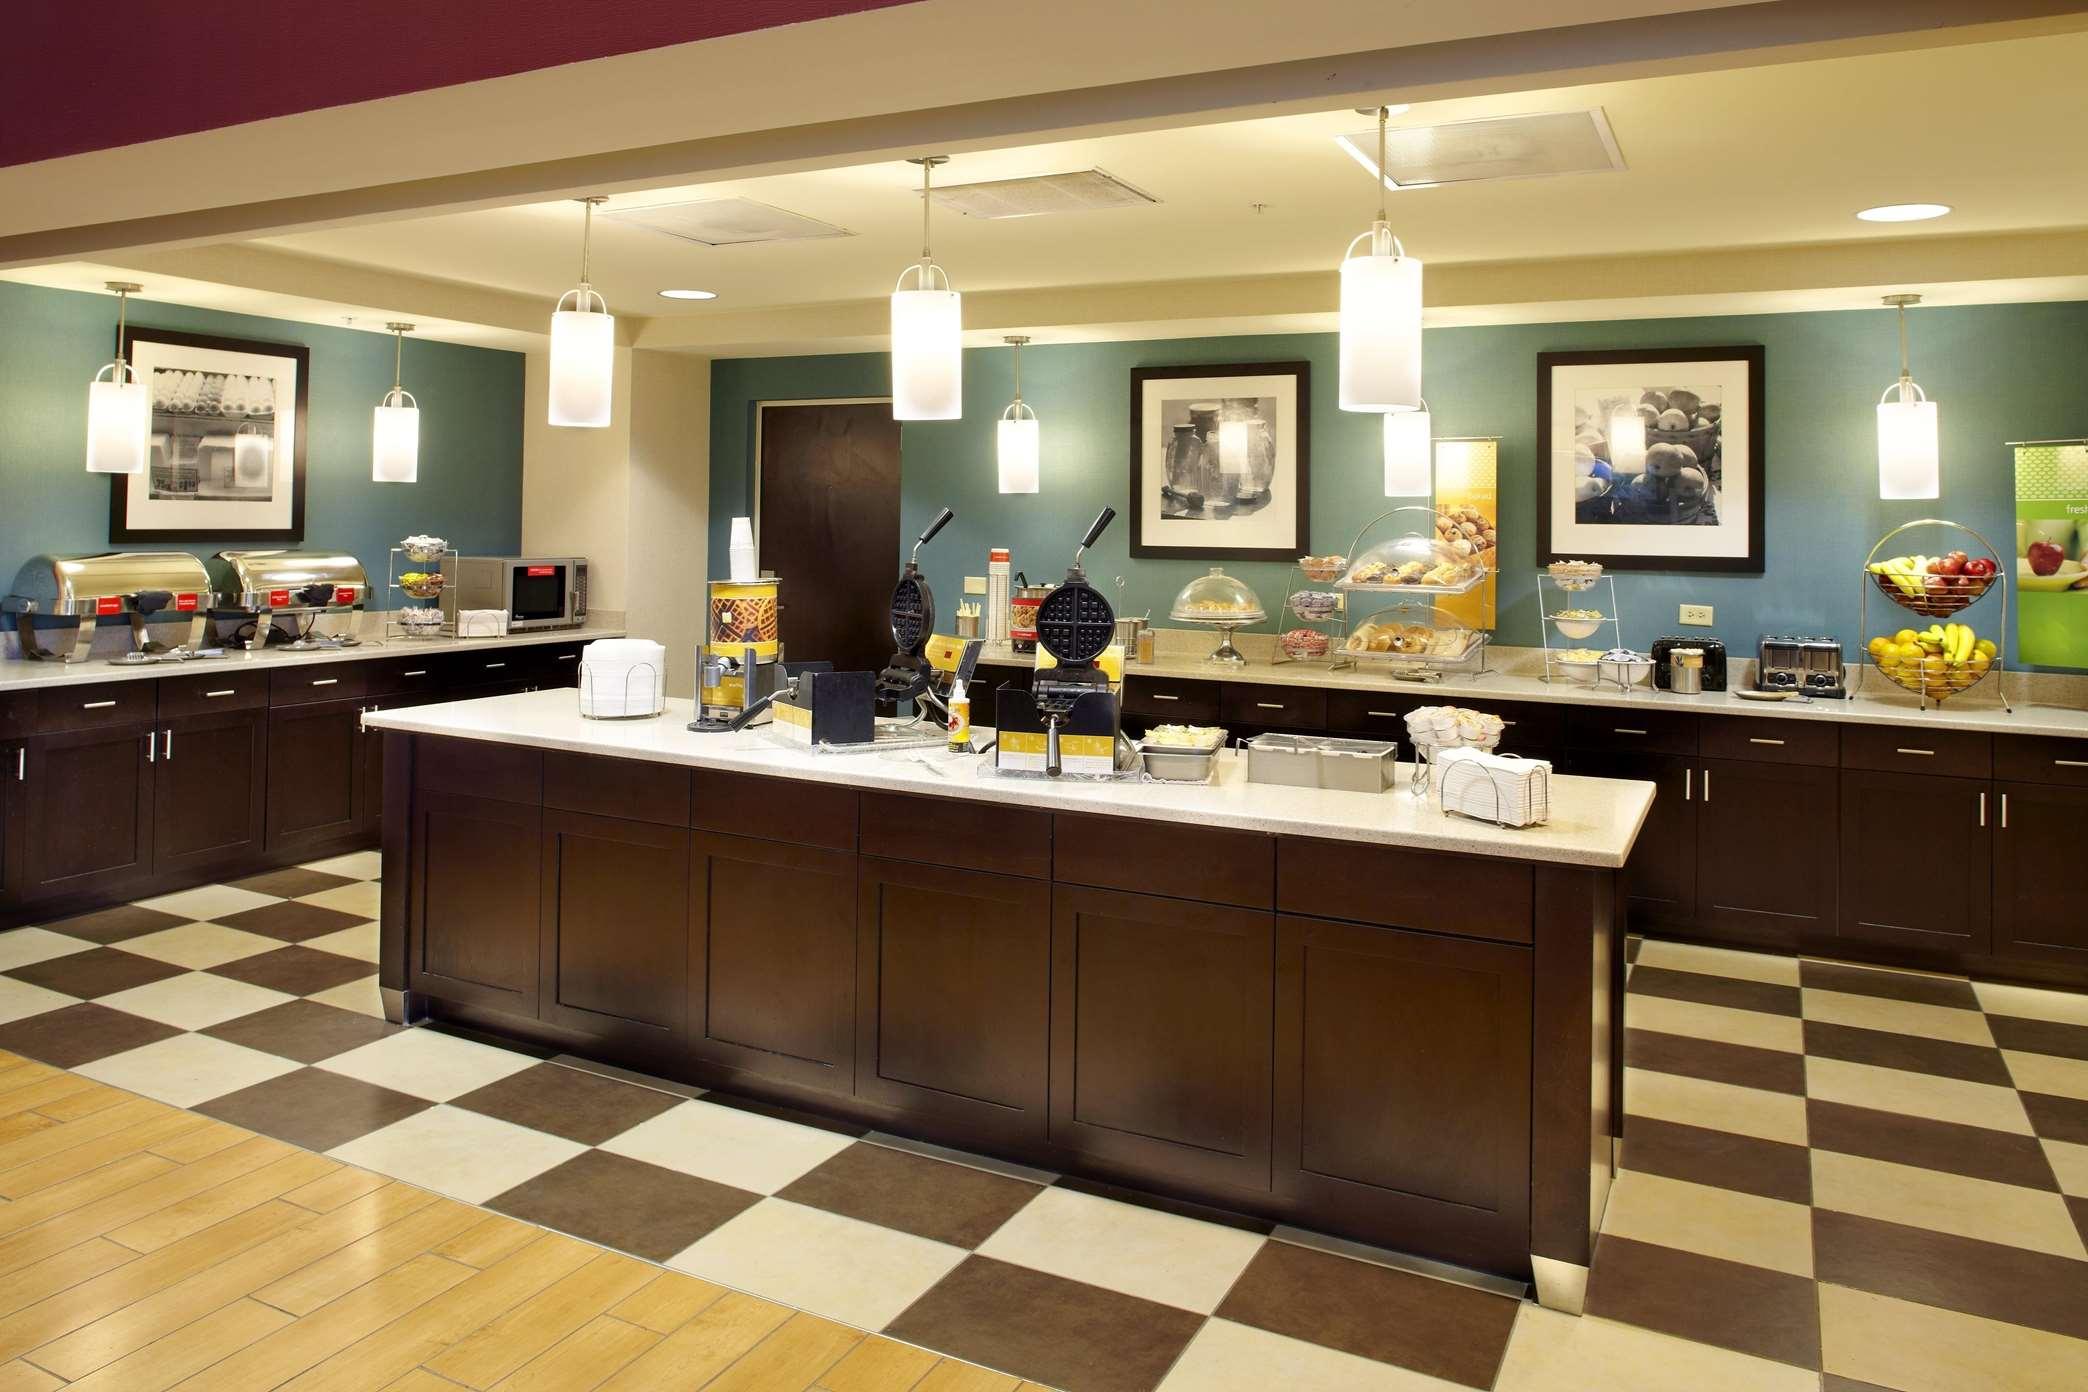 Hampton Inn & Suites Clearwater/St. Petersburg-Ulmerton Road, FL image 7